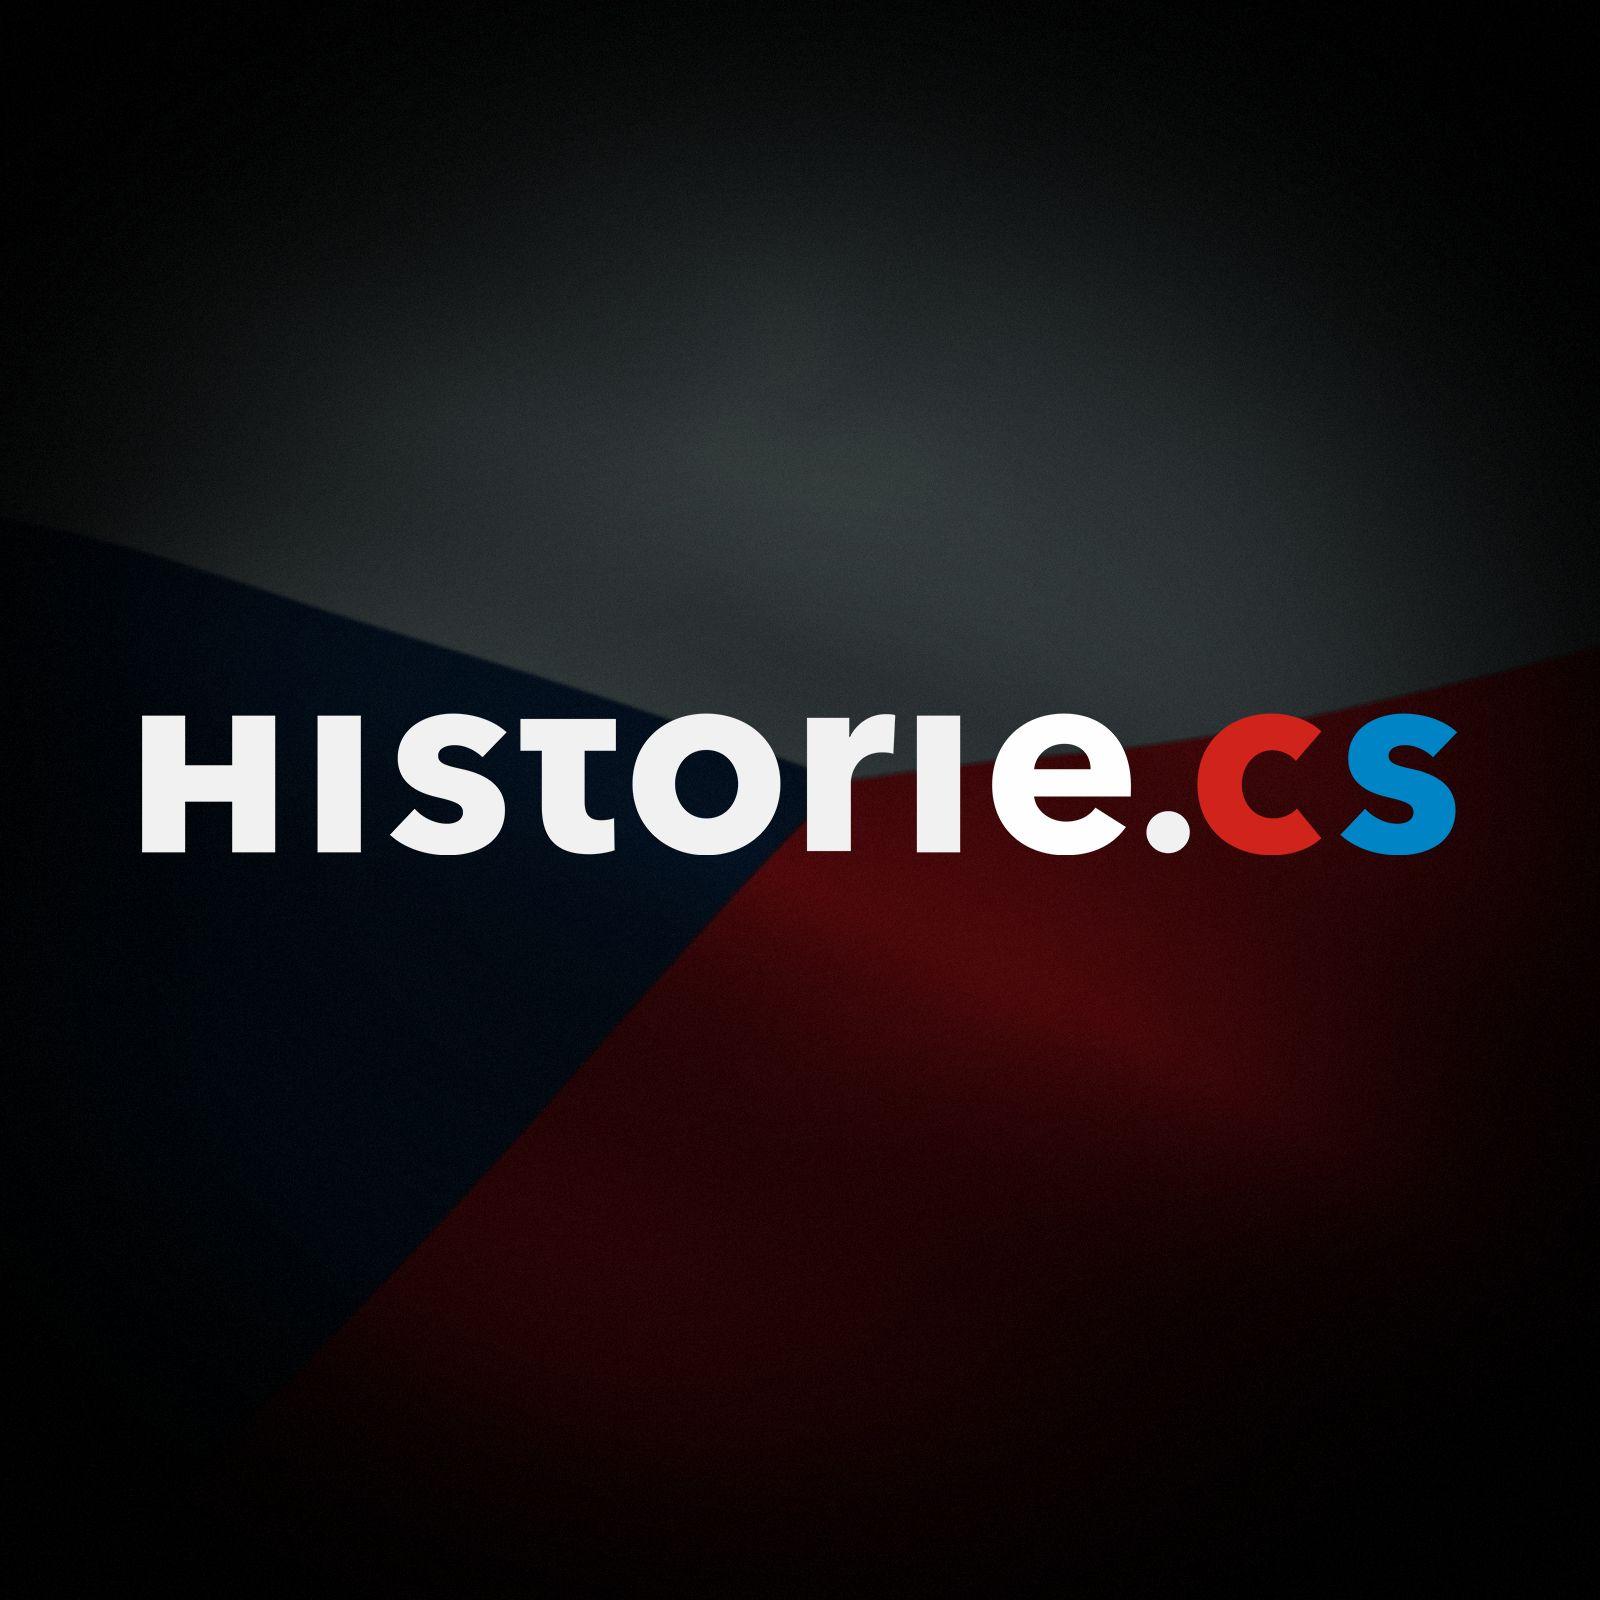 Historie.cs - Rozluštit českou krajinu